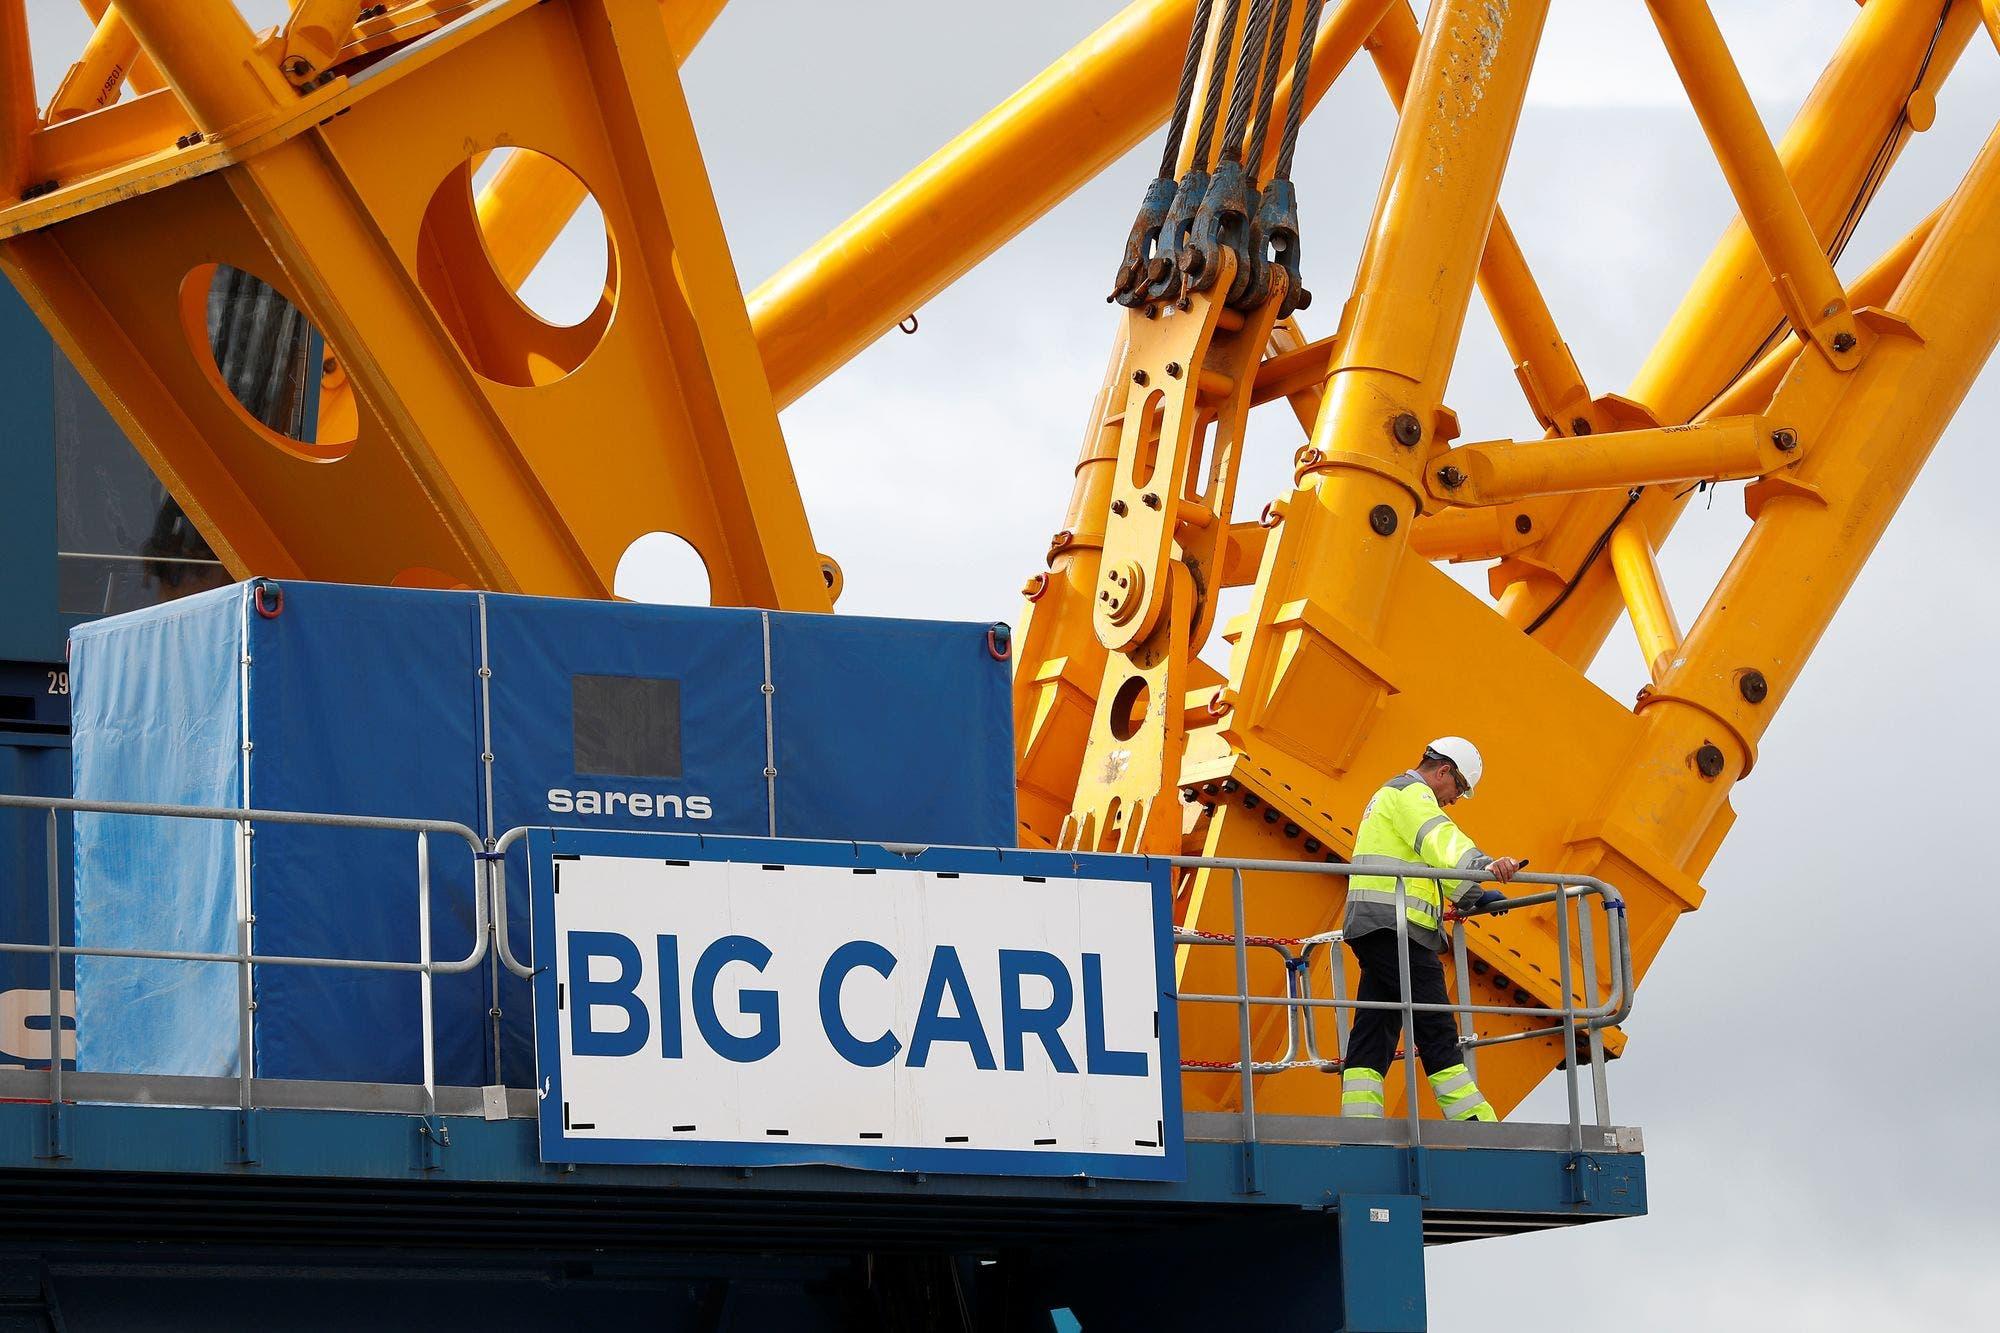 """Los espectaculares números que transforman a """"Big Carl"""" en la grúa más grande del mundo"""